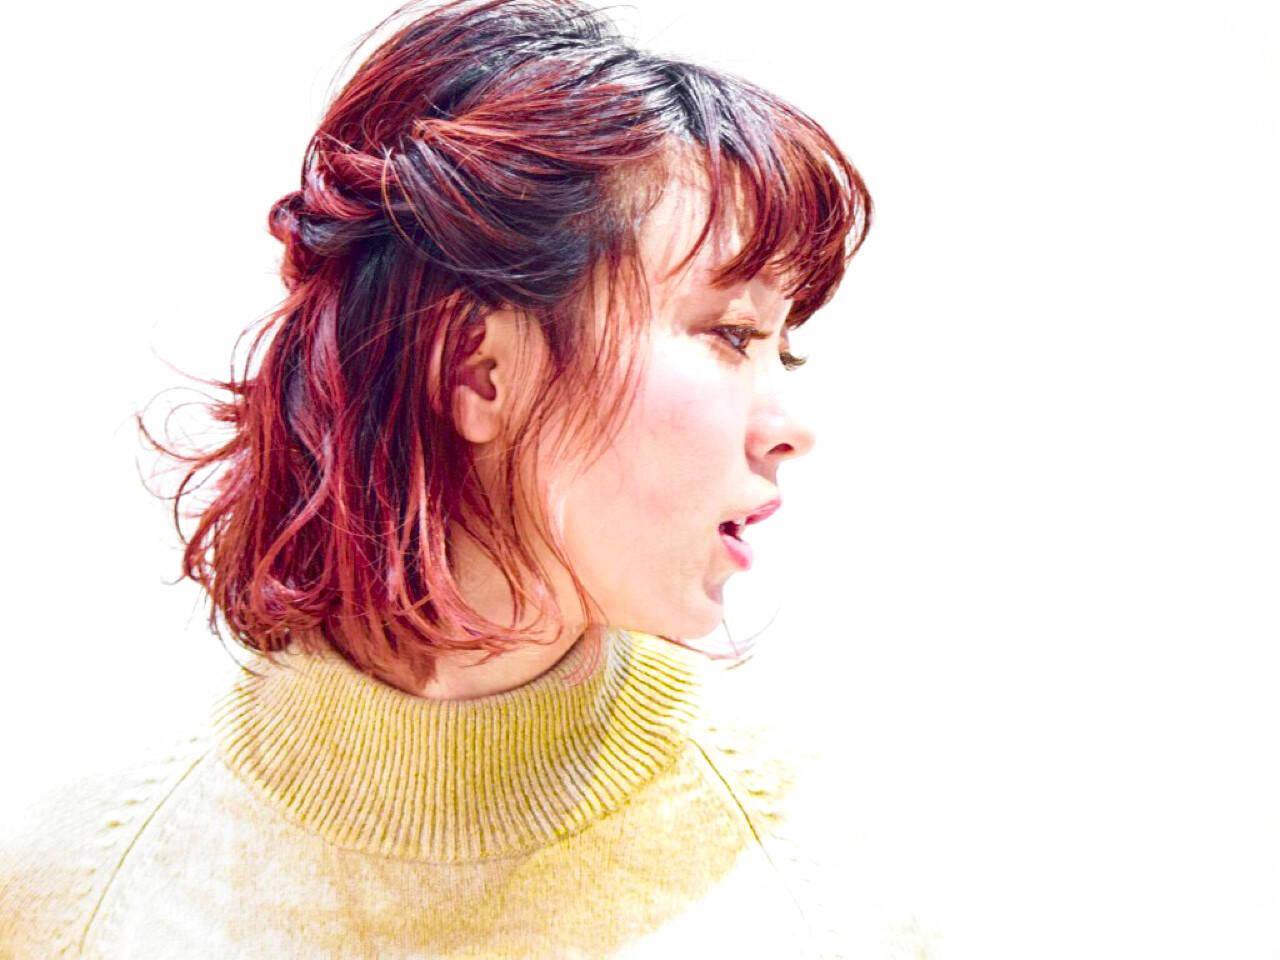 グラデーションカラー ガーリー パーマ ミディアムヘアスタイルや髪型の写真・画像